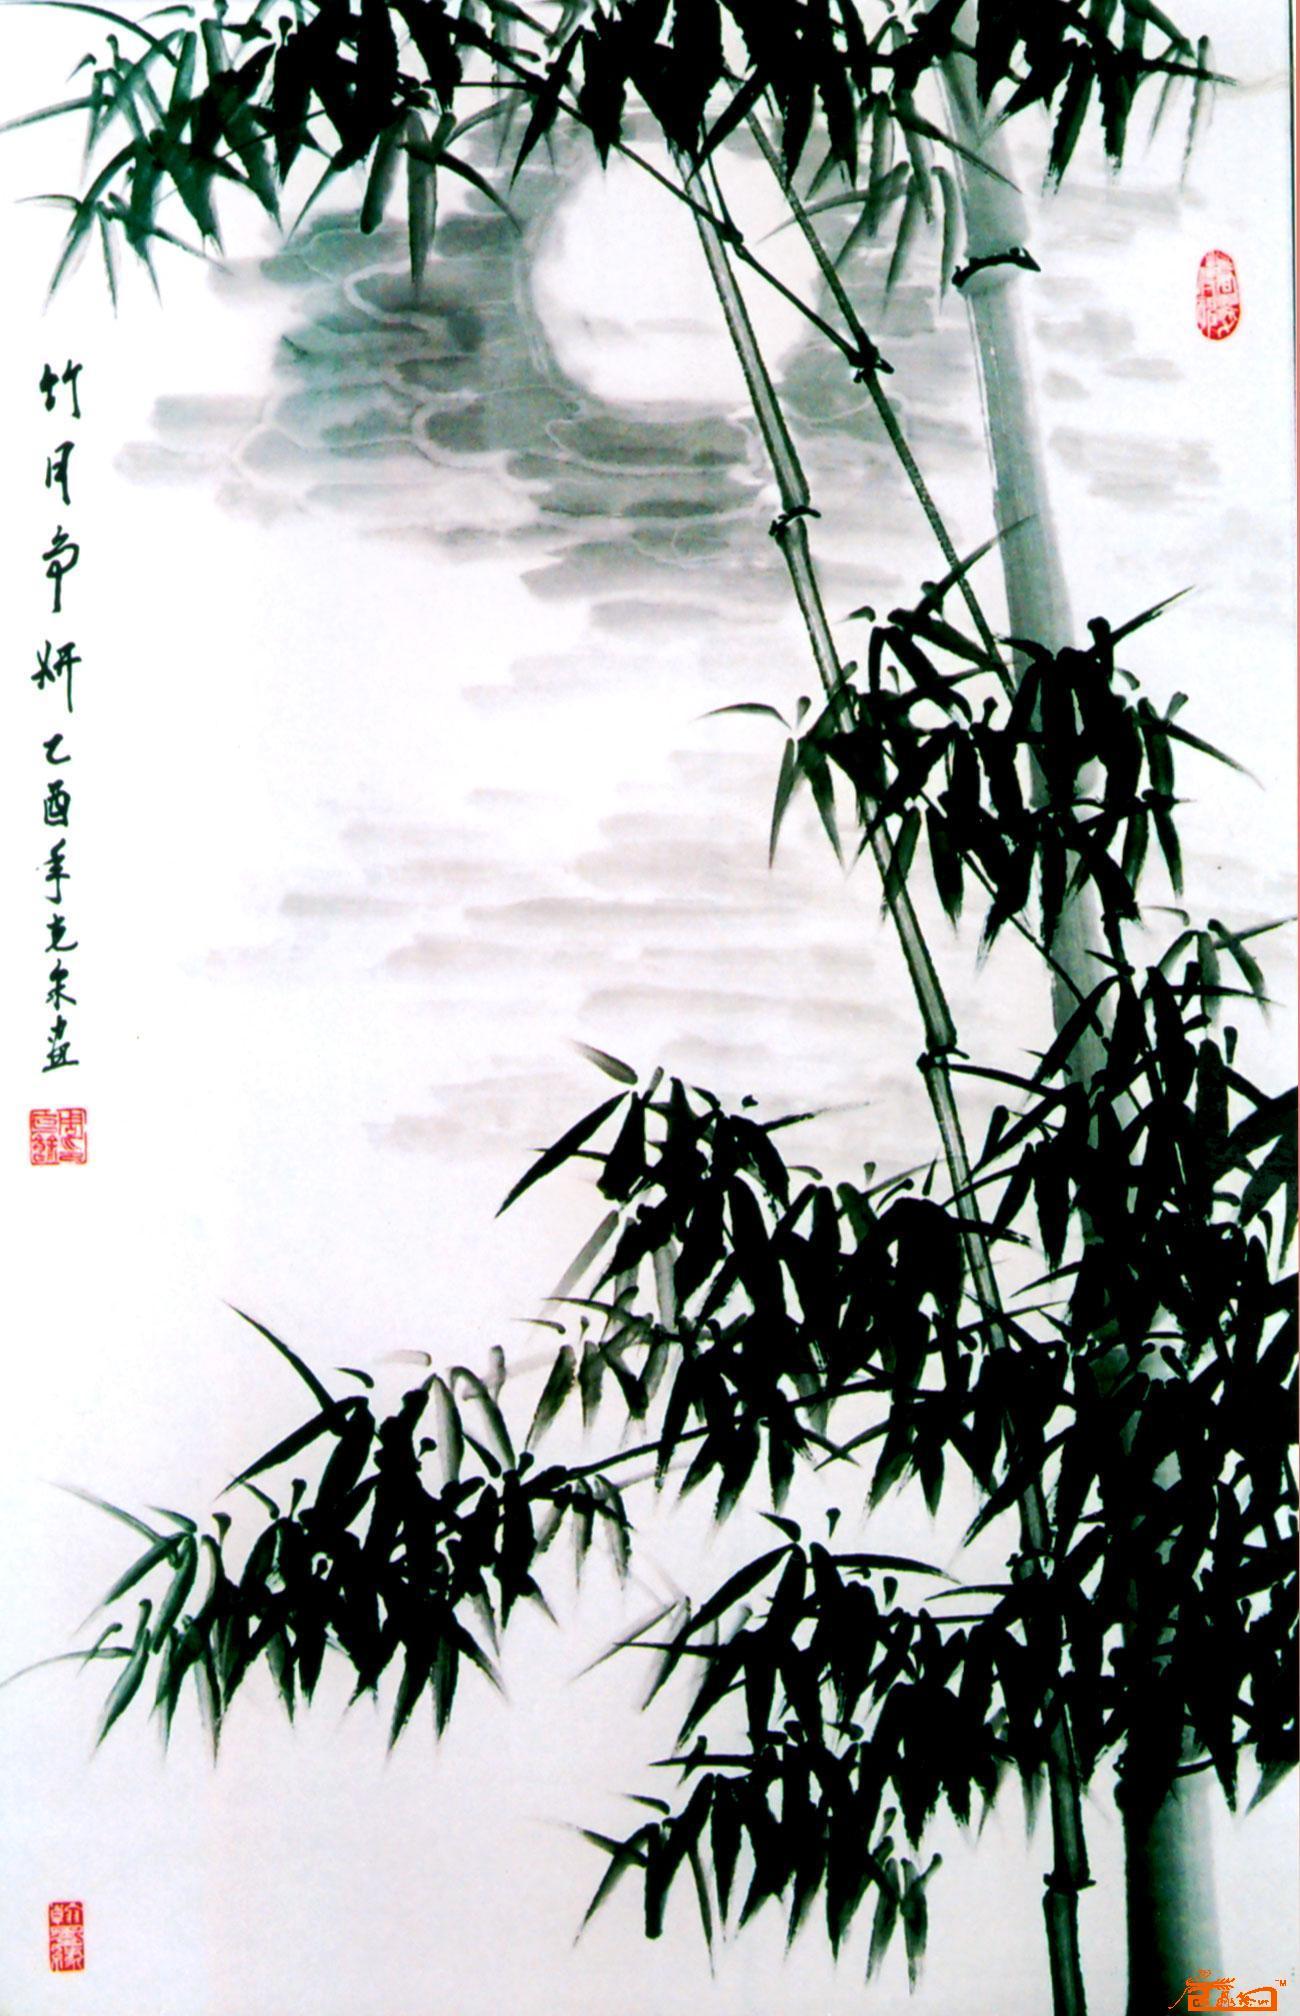 妍 淘宝 名人字画 中国书画服务中心 中国书画销售中心 中国书画拍卖